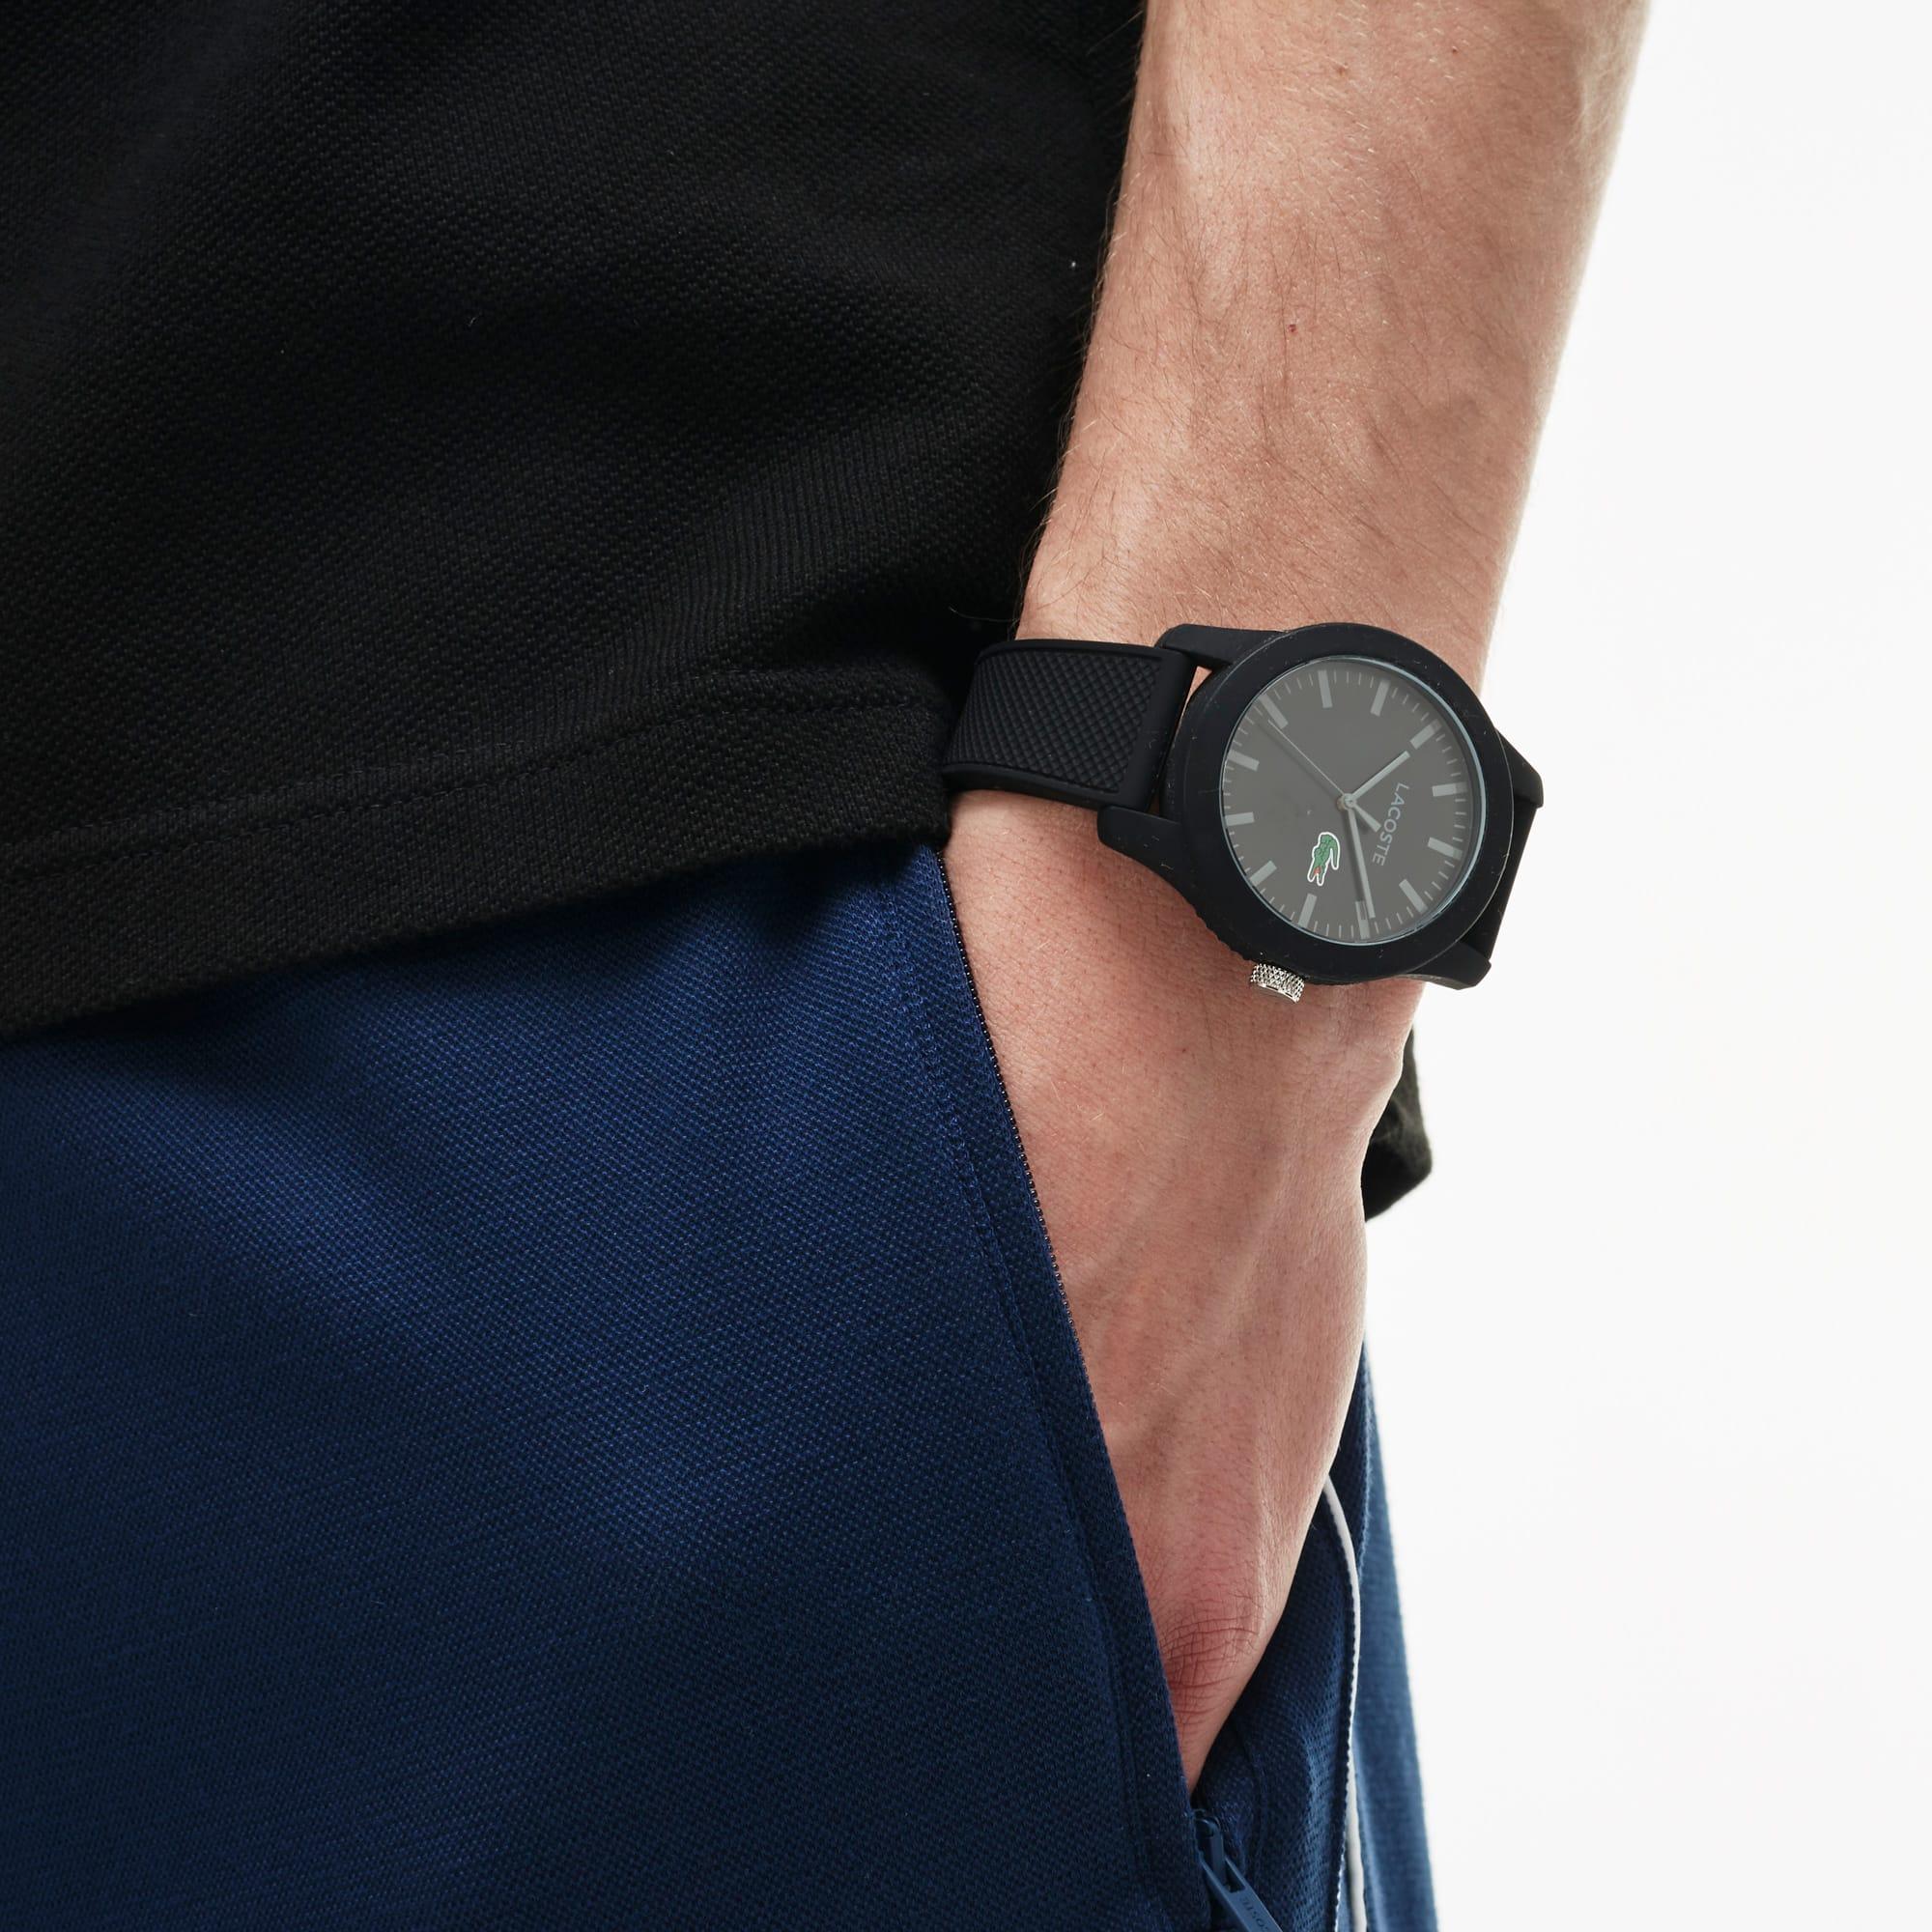 Relógio Lacoste 12.12 de homem com bracelete de silicone preta